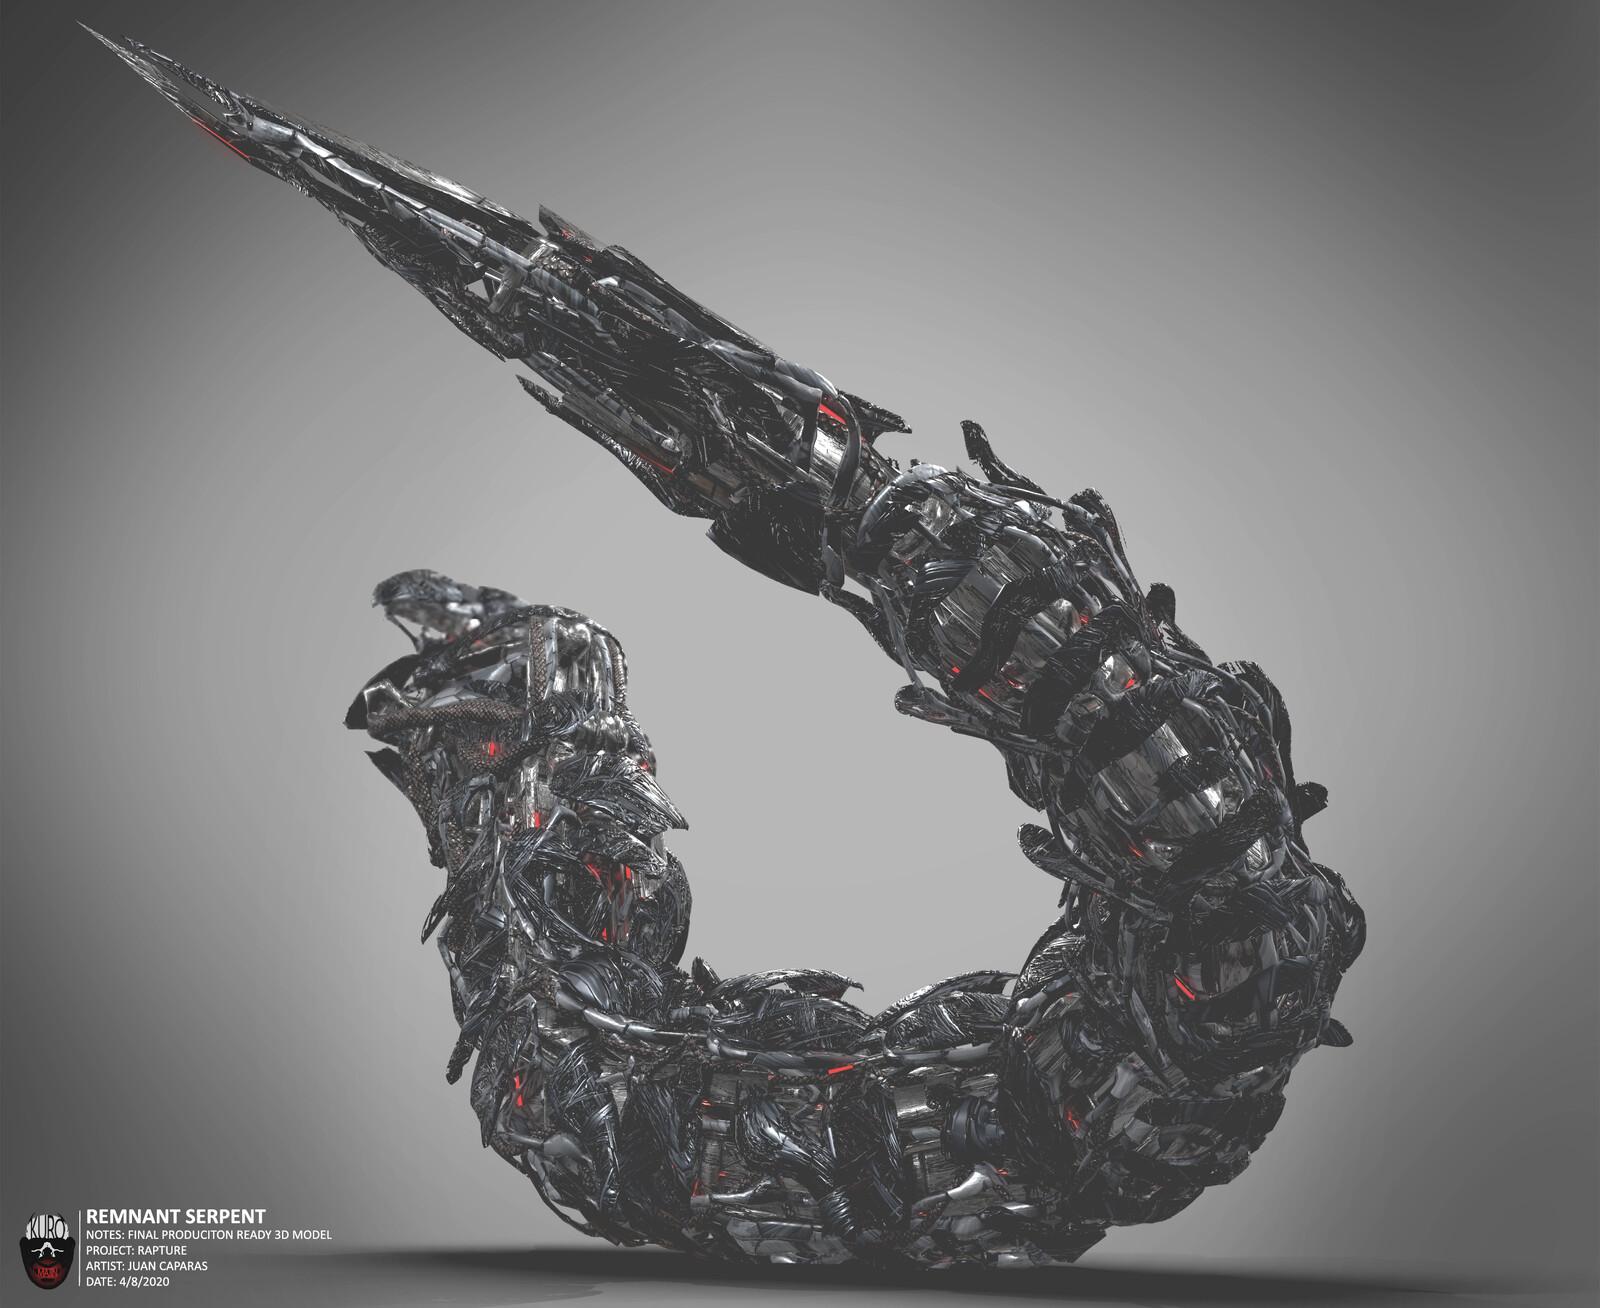 Remnant Serpent 3D Model | Kuro Majin Productions